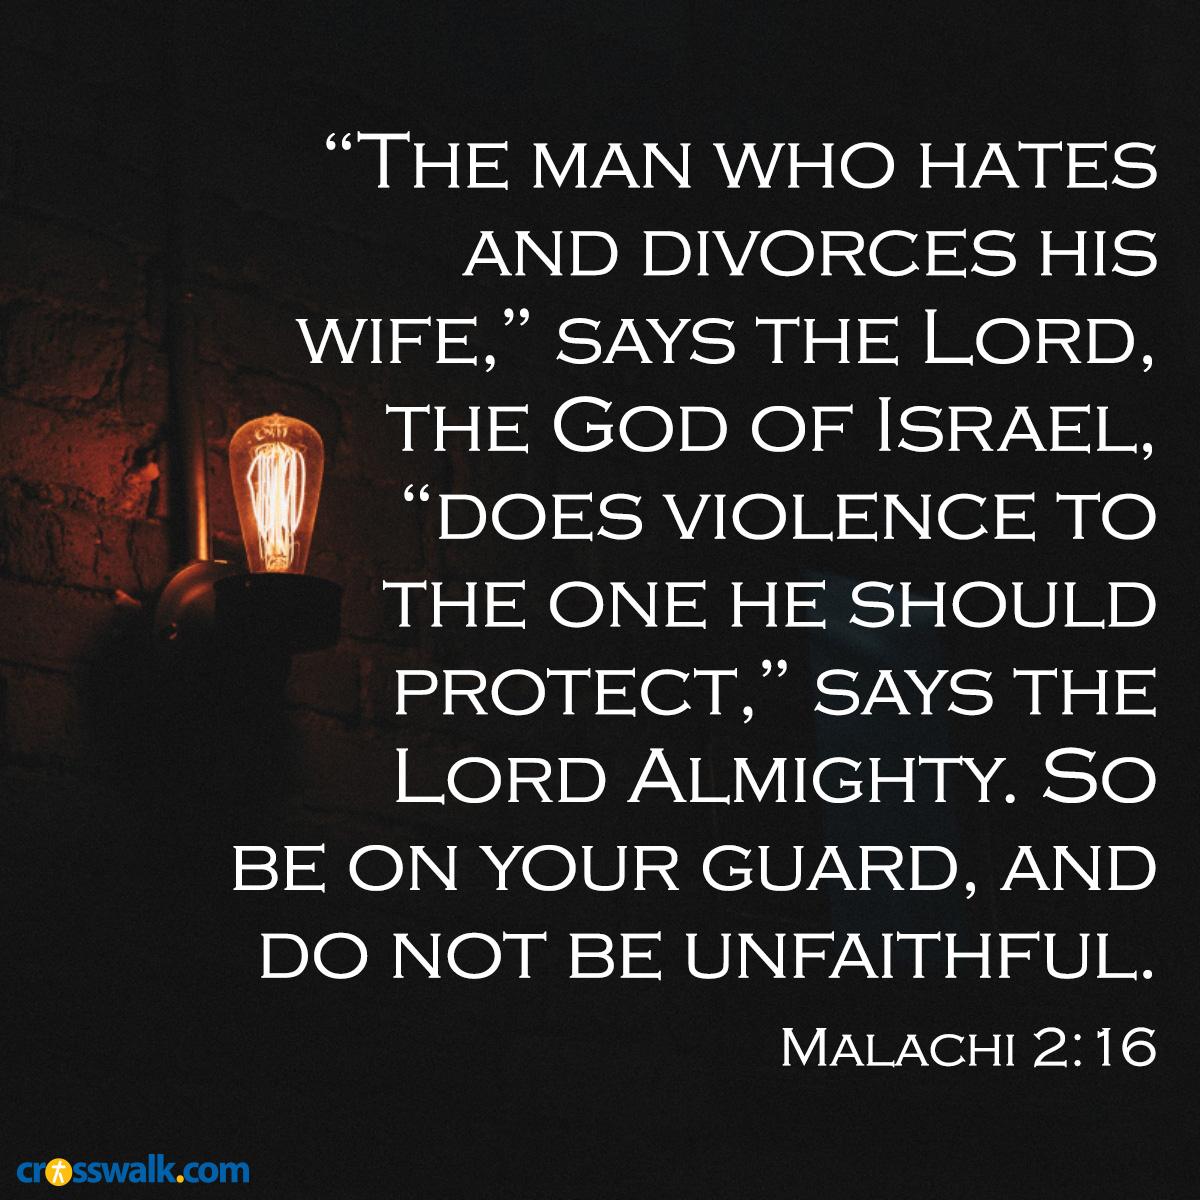 Malachi 2:16 sq